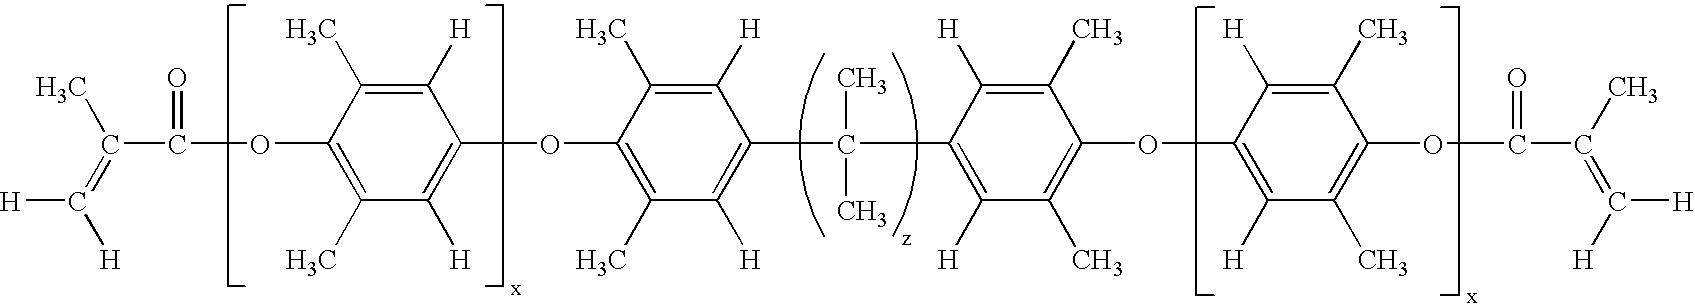 Figure US07329708-20080212-C00023